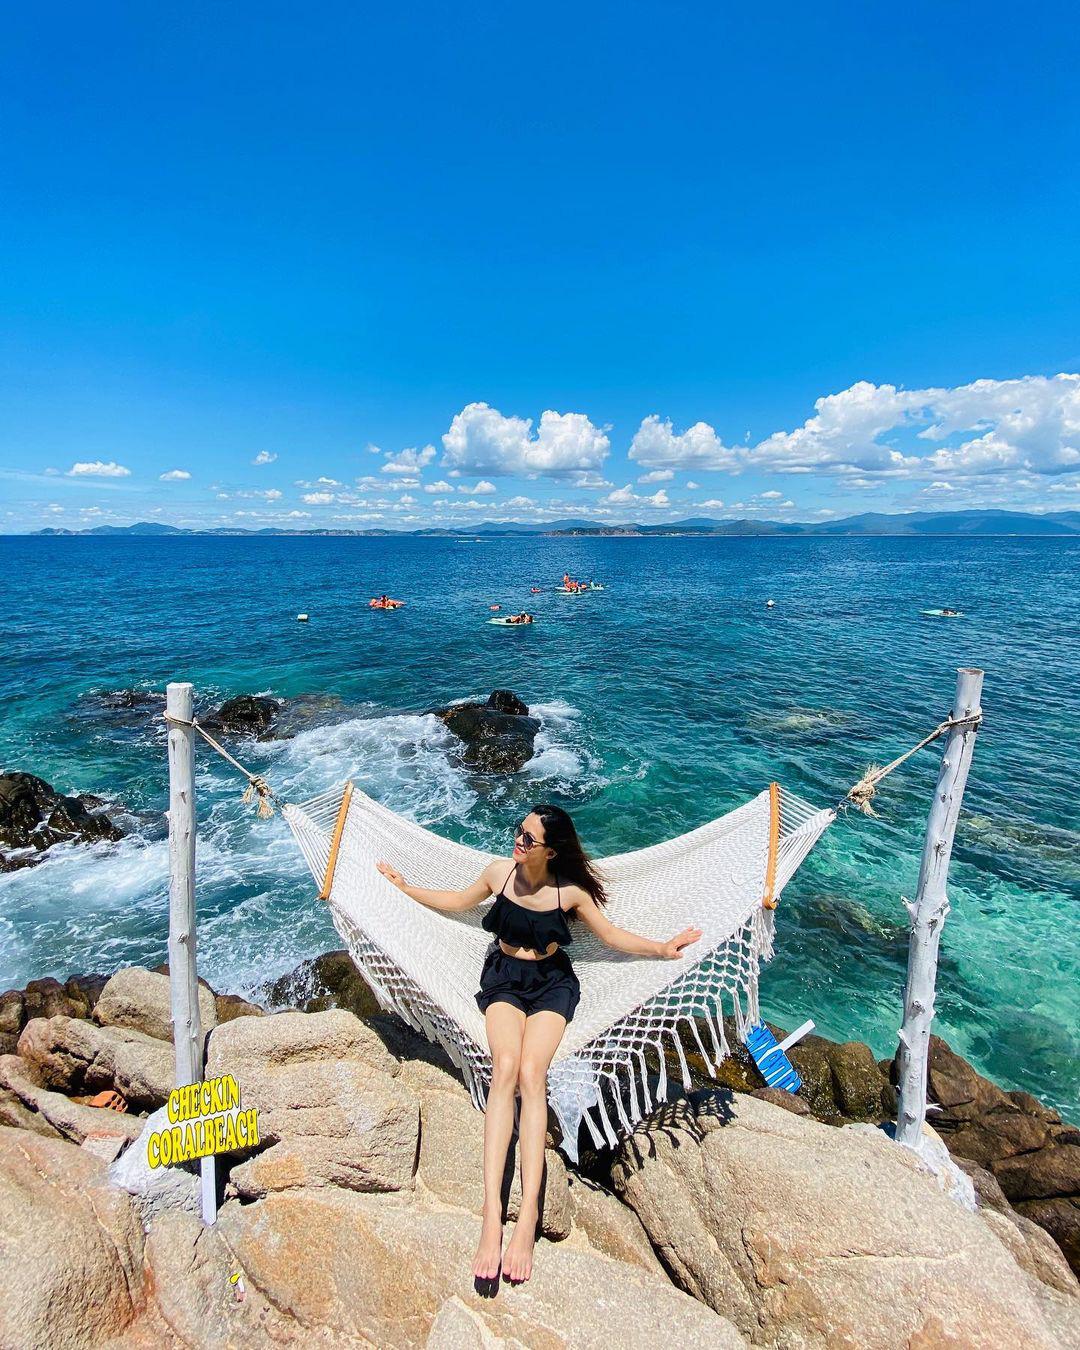 Lưu ngay 7 hành trình không thể bỏ lỡ ở thiên đường biển đảo Quy Nhơn - Ảnh 13.